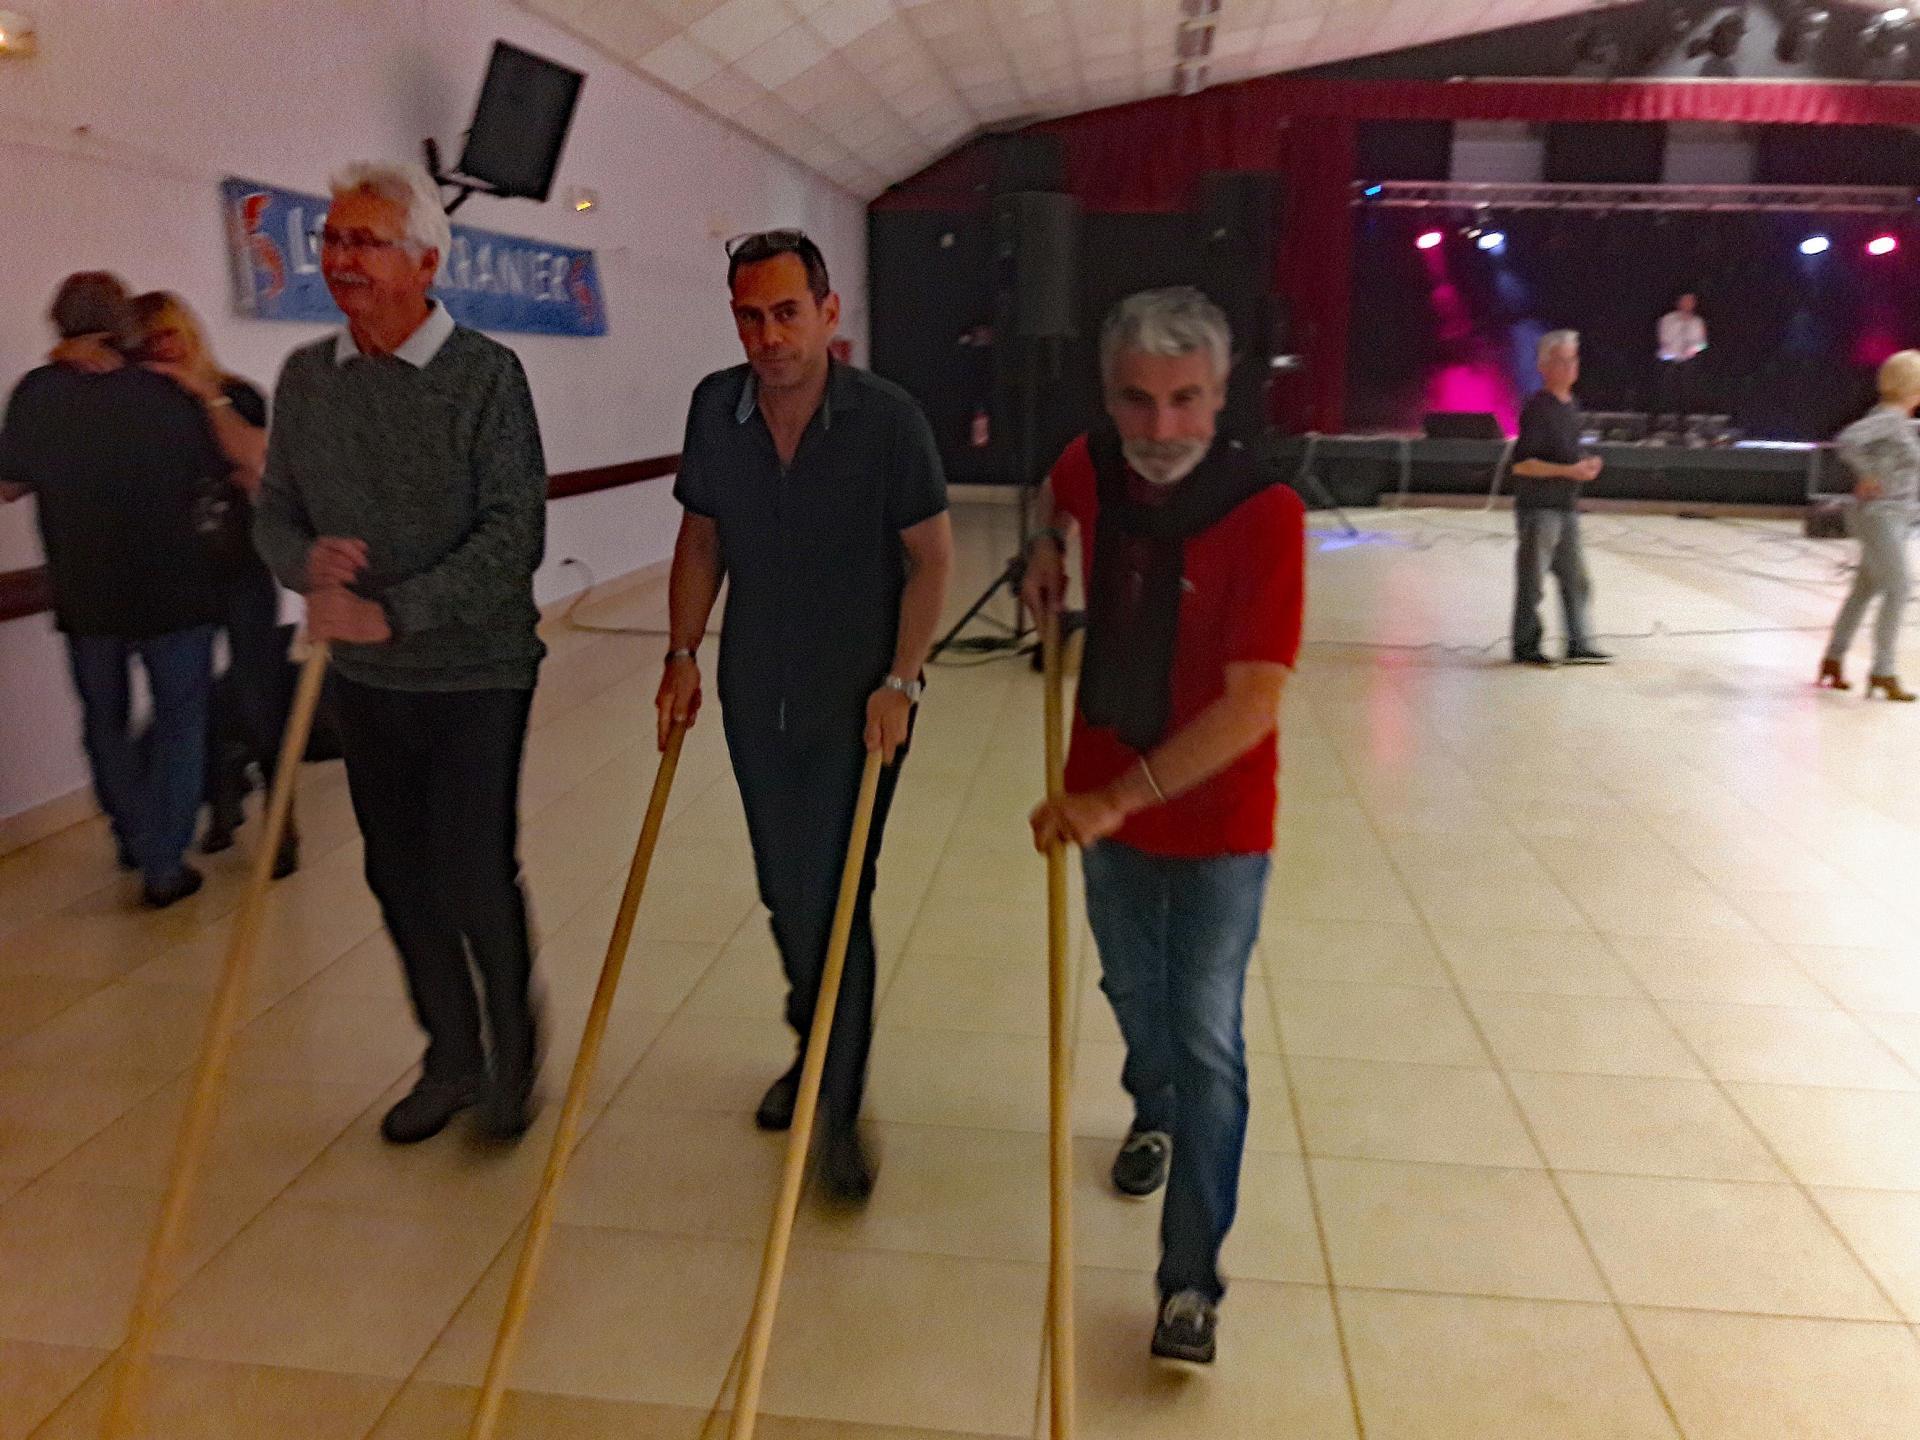 A la fin de la fête 3 hommes aux balais